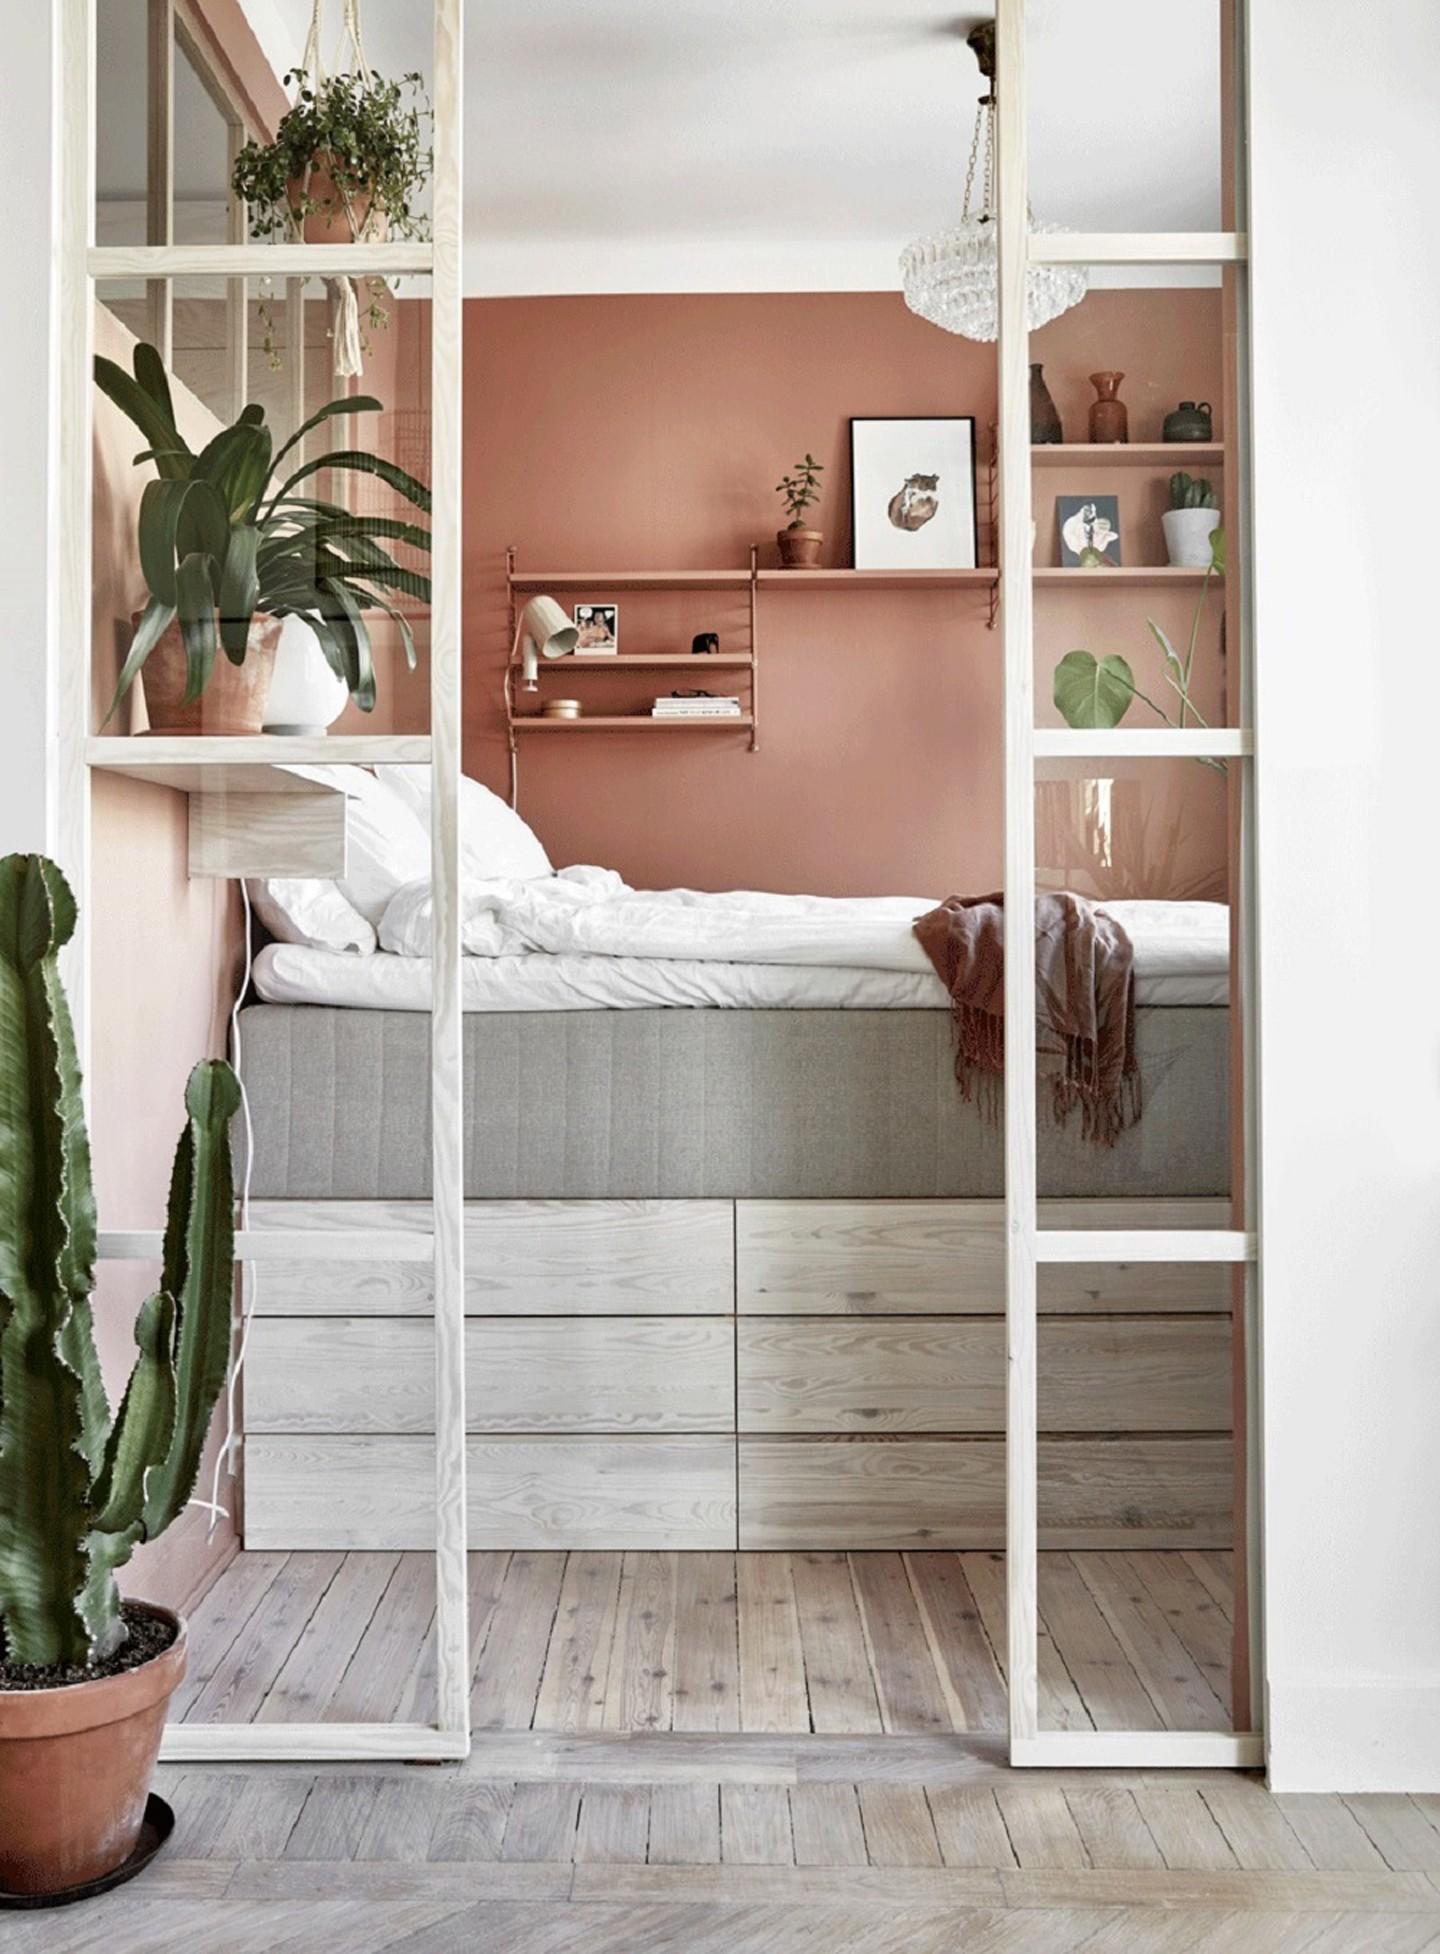 Décor do dia: decoração funcional otimiza quarto pequeno (Foto: Divulgação)